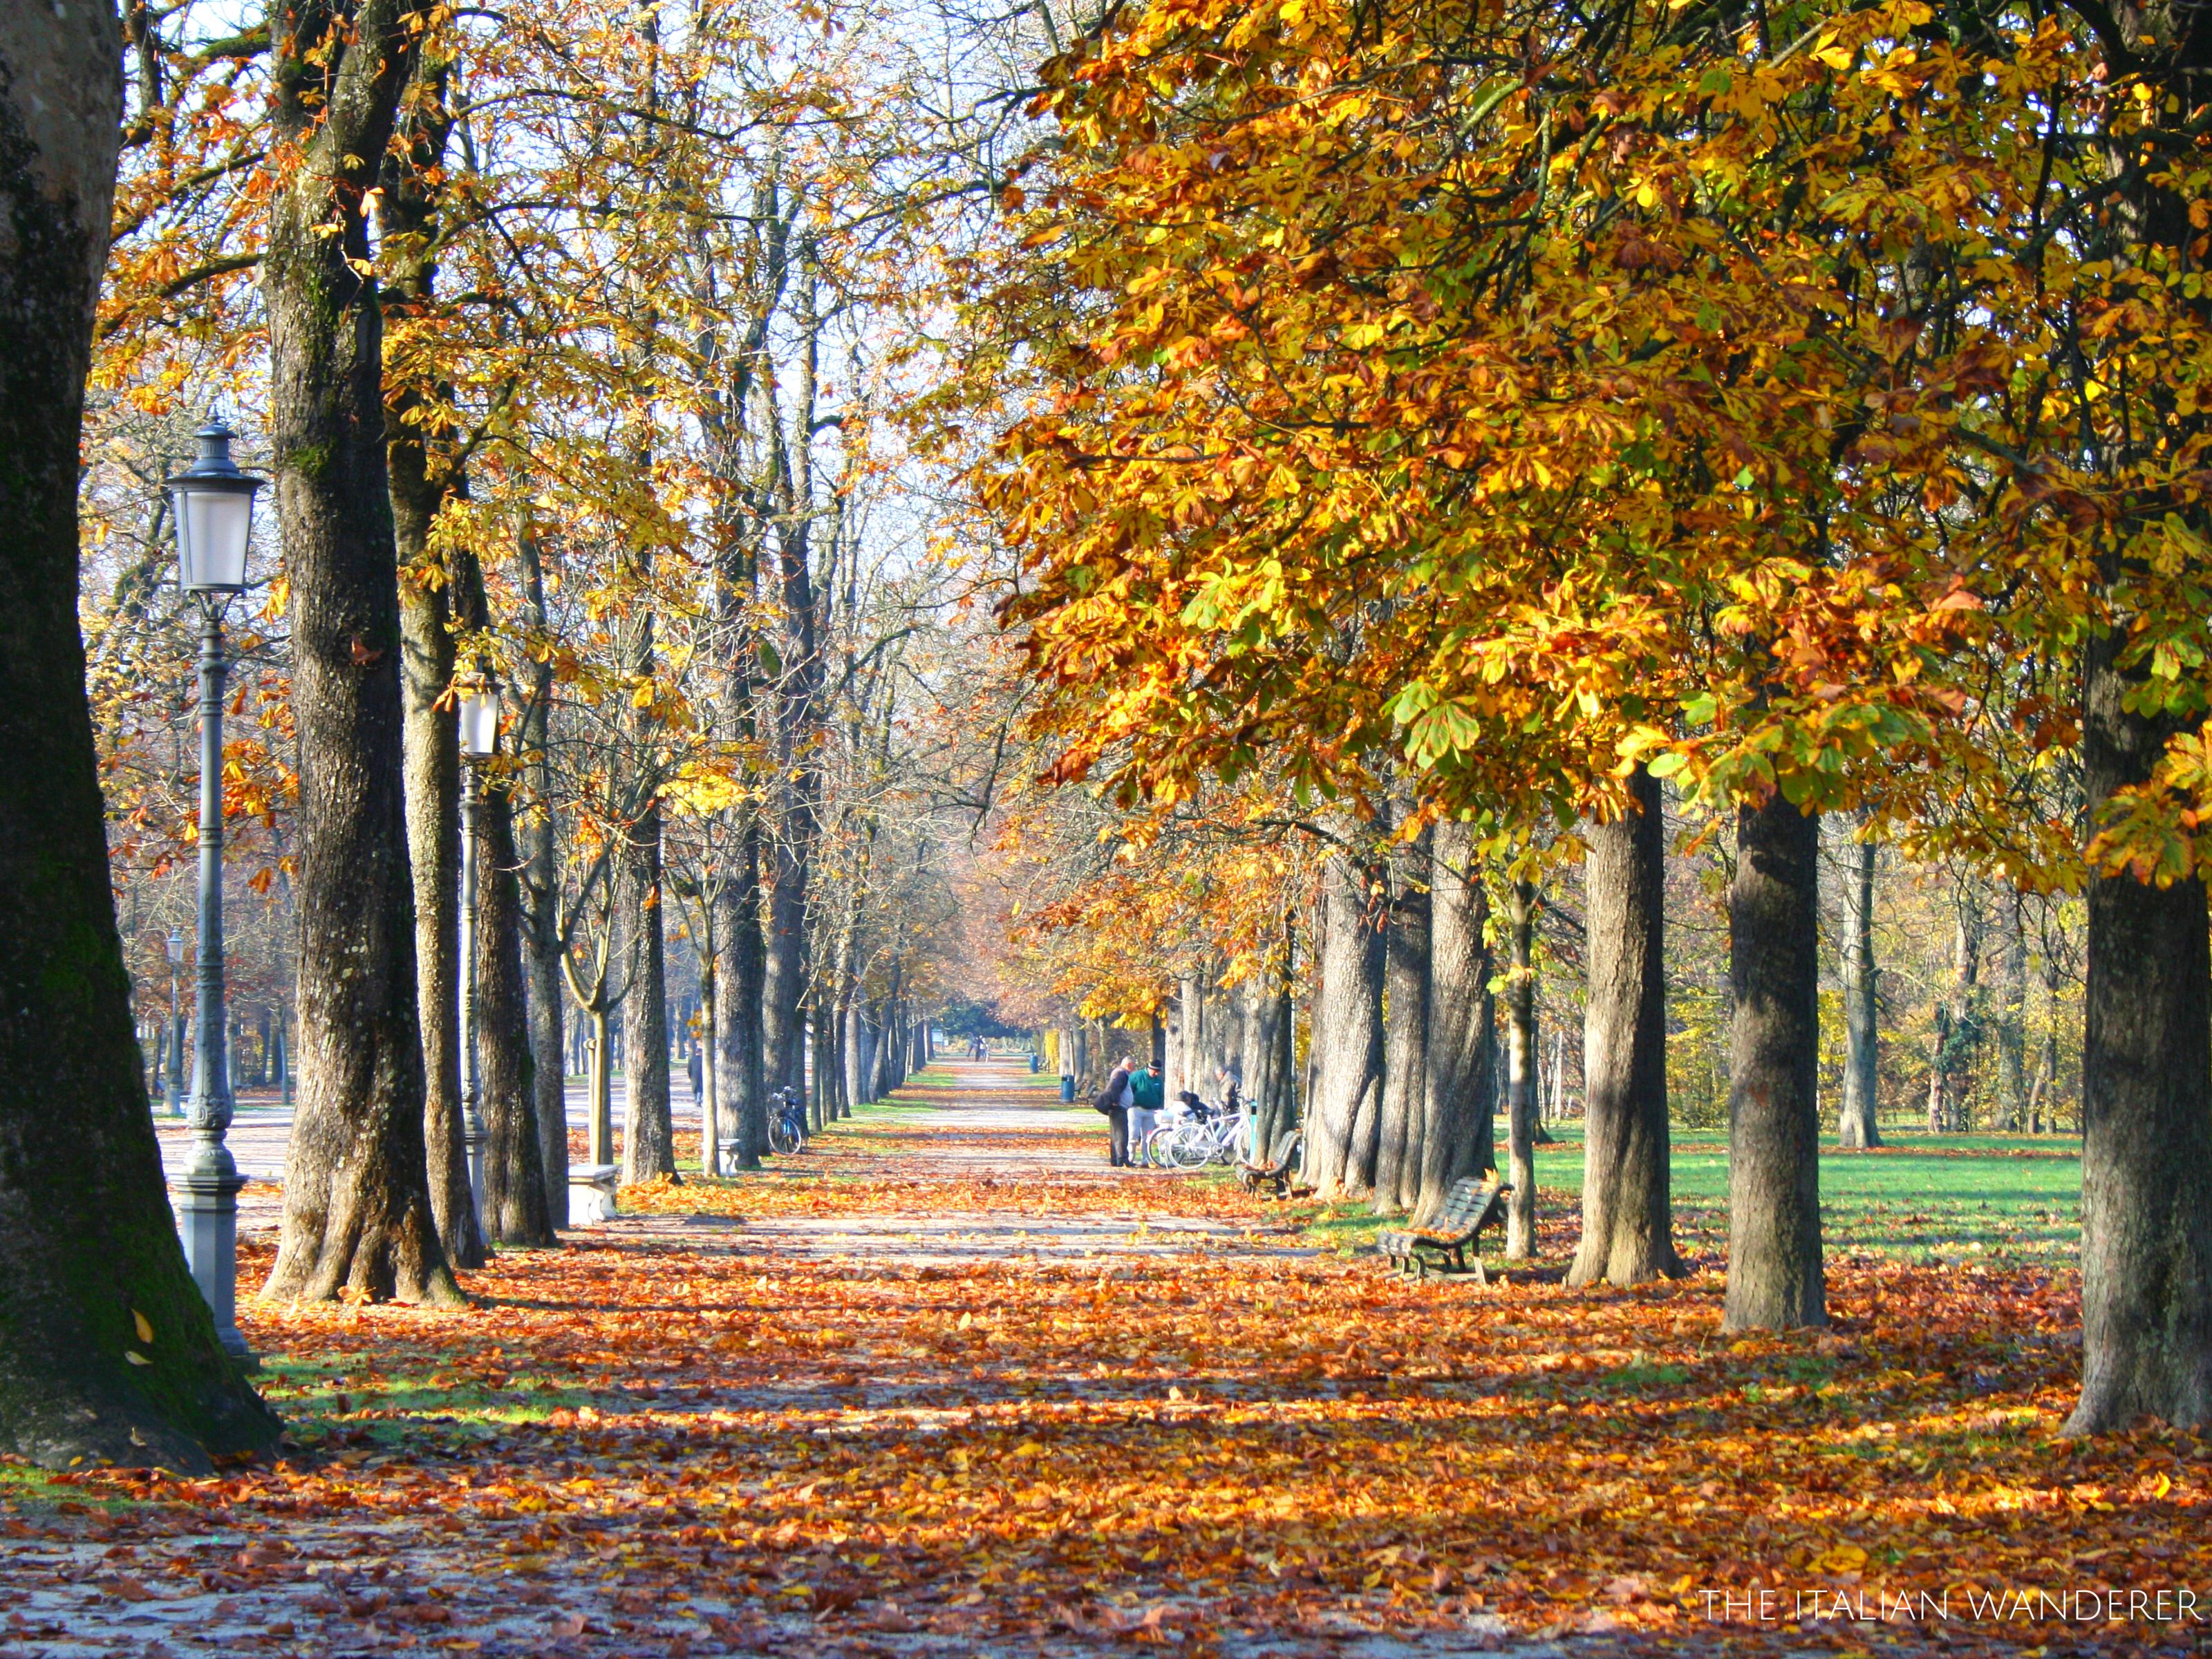 Parco Ducale of Parma